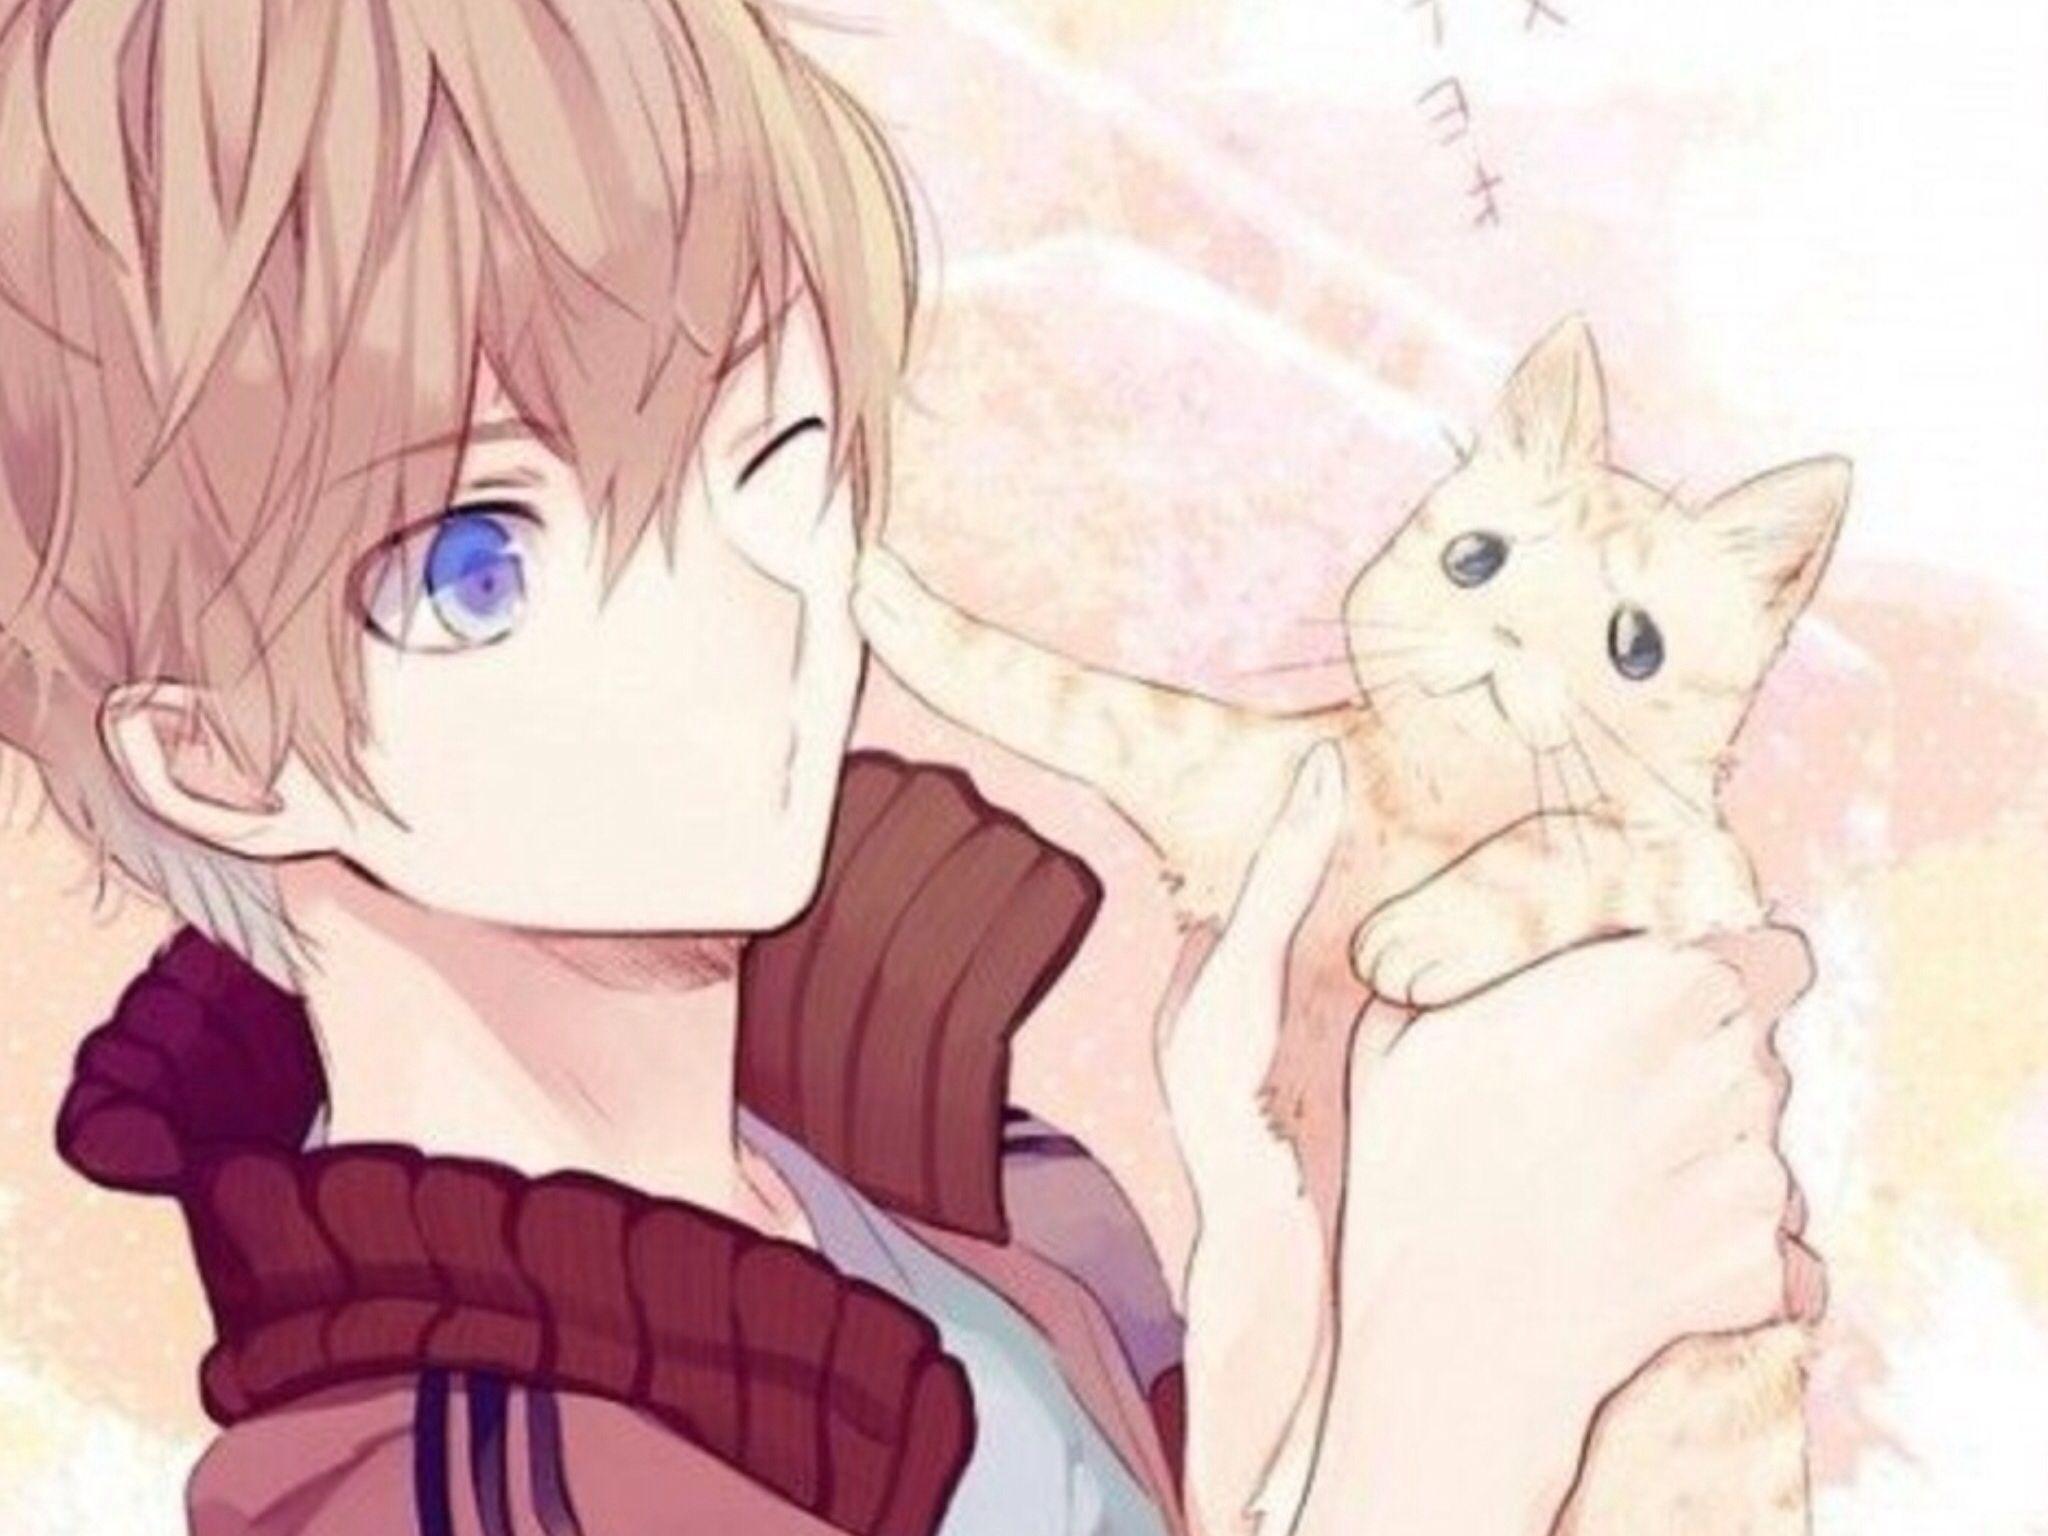 2048x1536 Hình nền những chàng trai trong anime đáng yêu